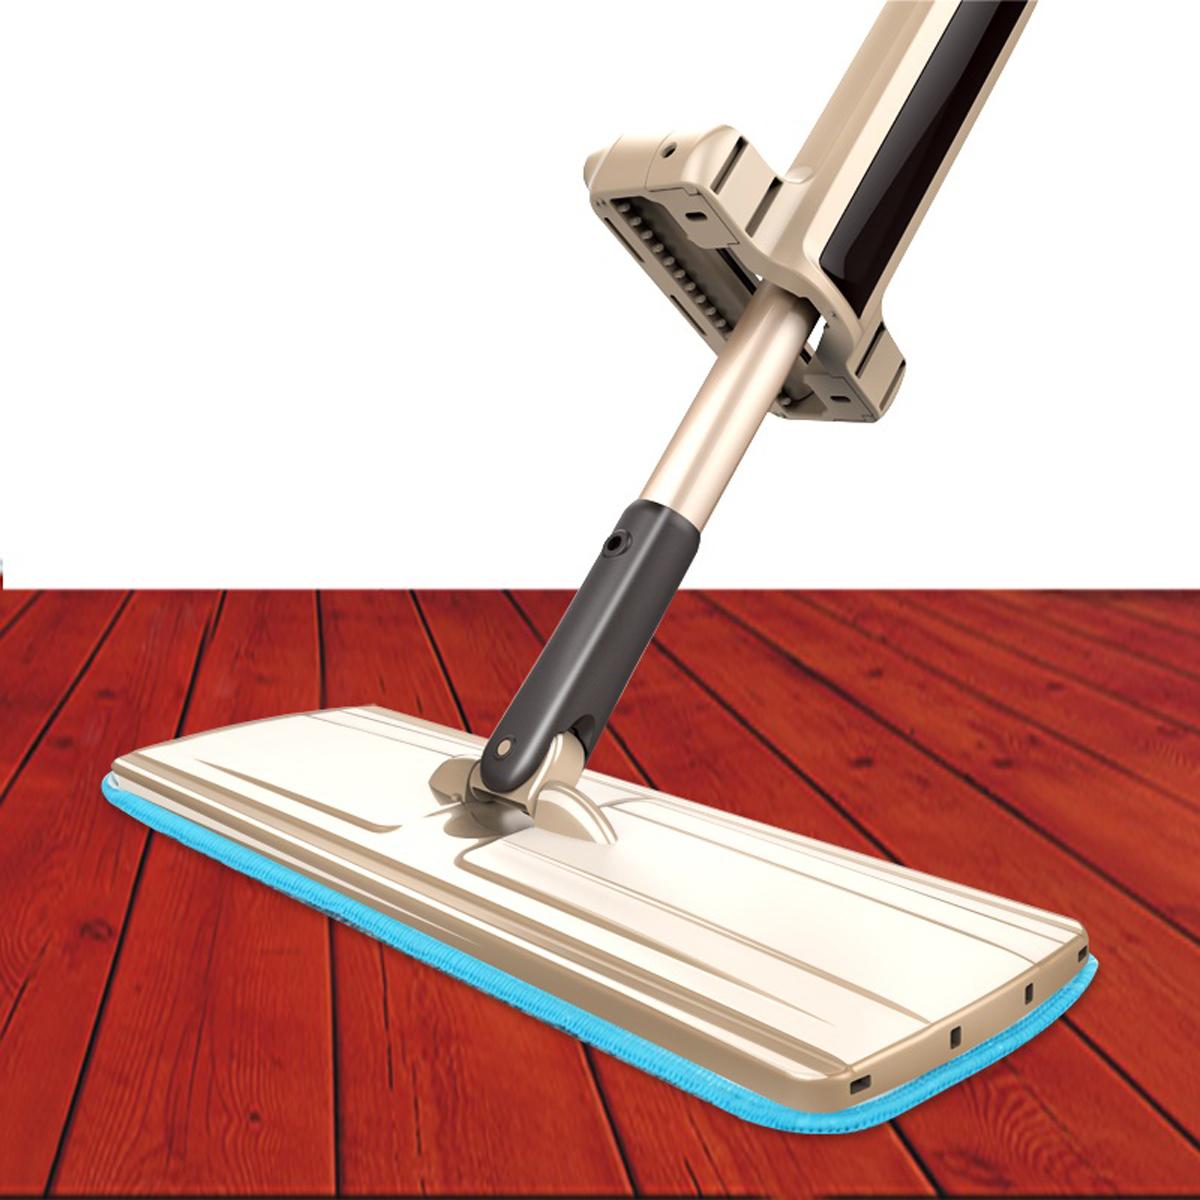 Швабра-полотер Boomjoy Flymop Nimbus, с отжимным механизмомJY8678Швабра Boomjoy Flymop Nimbus с отжимным механизмом для быстрой и эффективной уборки сохранит ваши руки в чистоте. Отжимной механизм эффективно удаляет воду, мелкий мусор и волосы с уборочной пластины. Конструкция швабры позволяет хранить ее в самом маленьком уголке вашего дома.Дополнительно в комплектации запасная уборочная пластина из микроволокна.Насадка швабры: 32 х 10 см.Длина в раскрытом состоянии: 133 см.